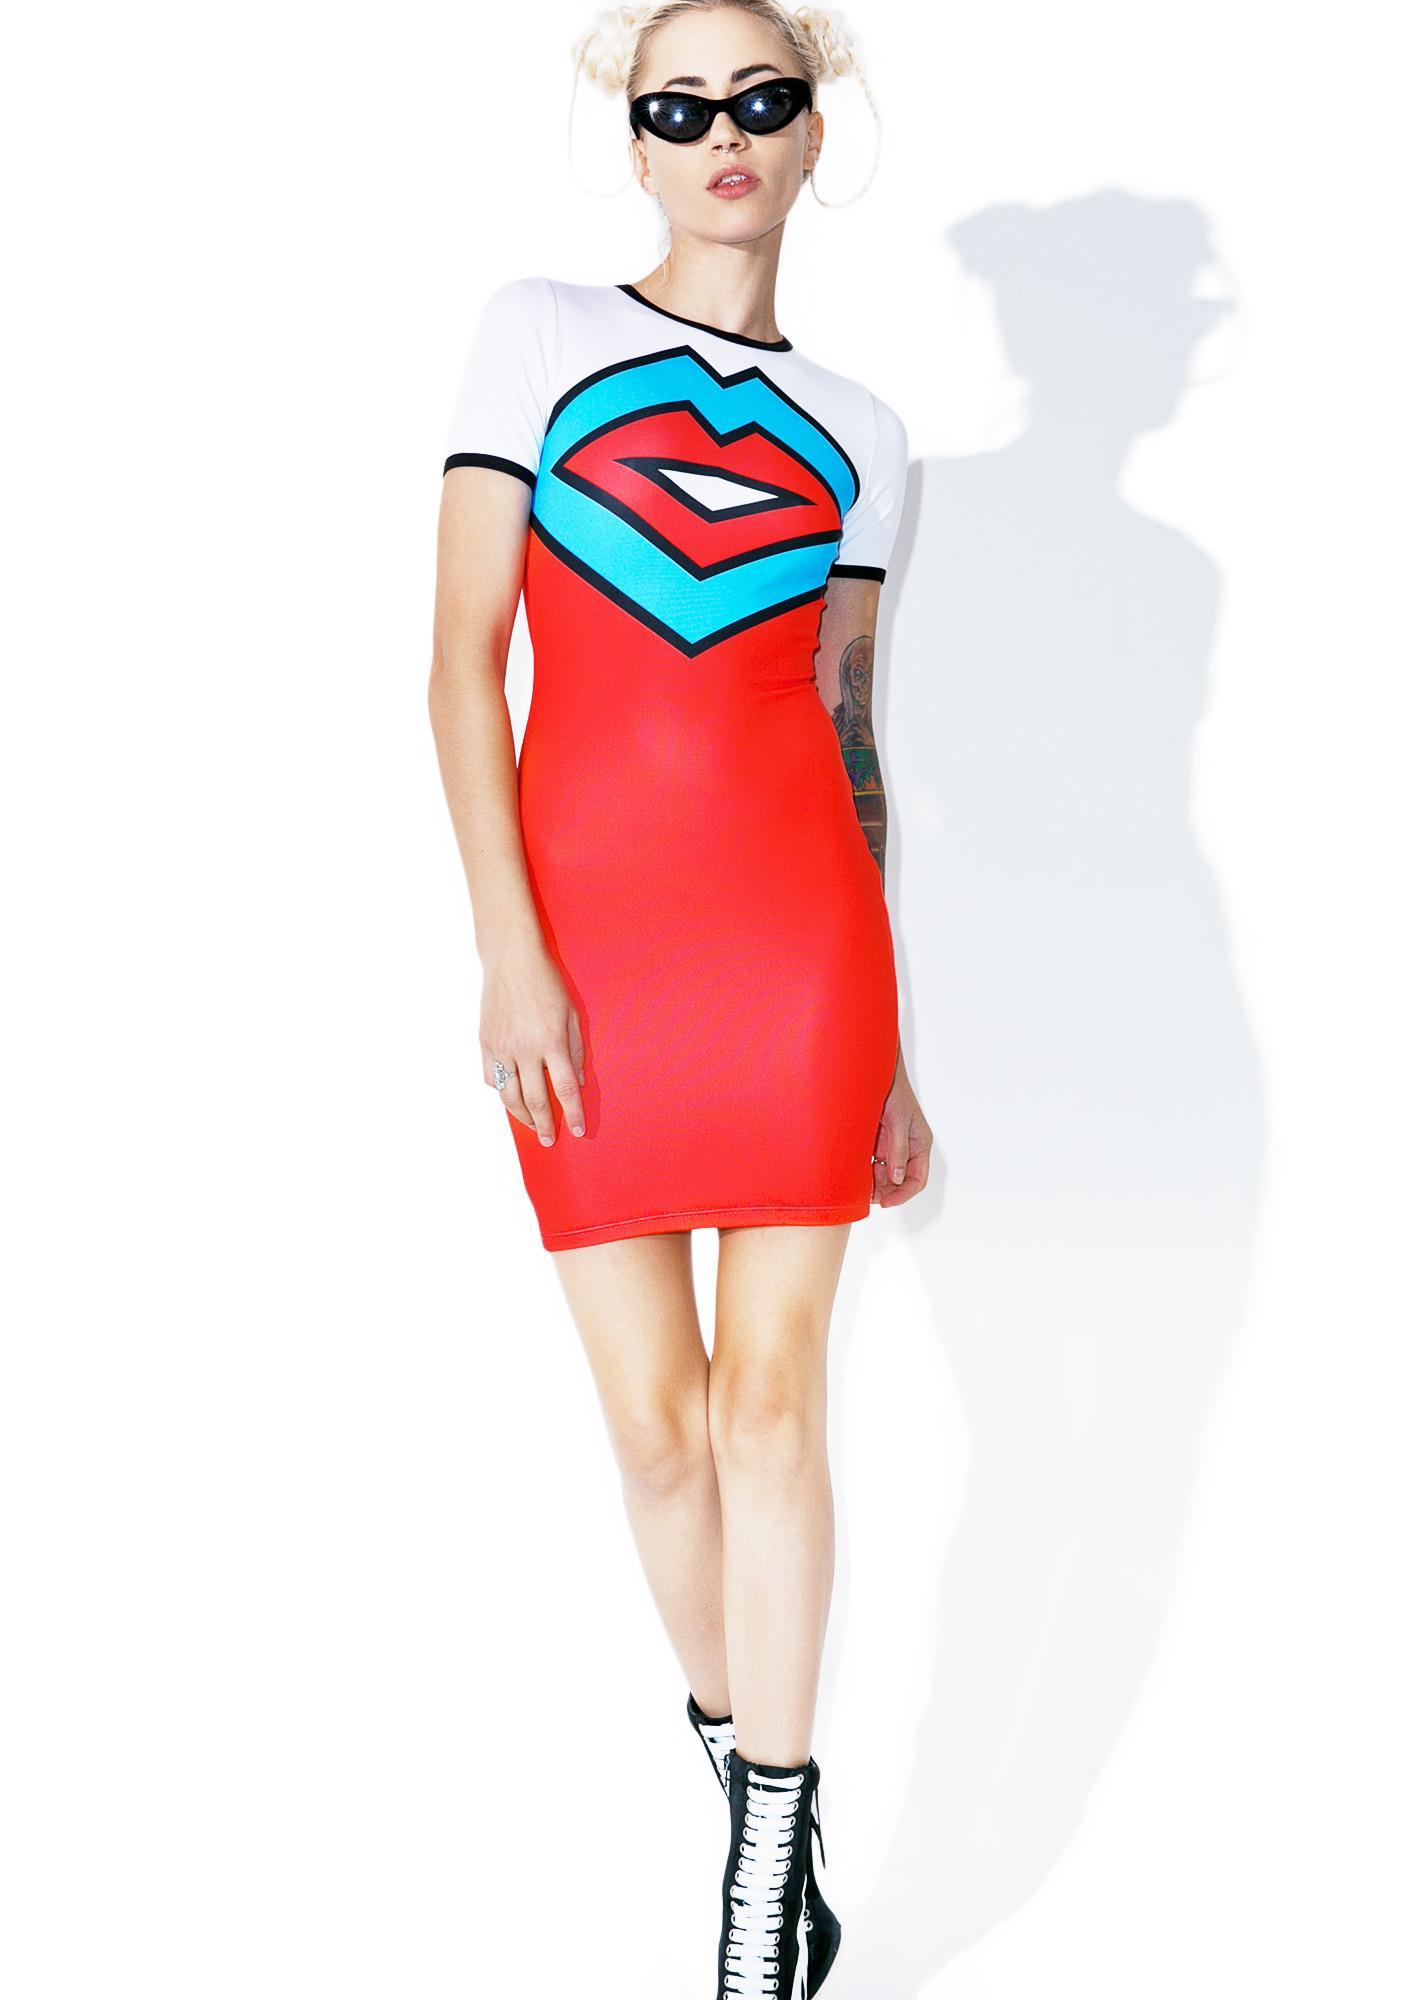 Nympha Lip Service Mini Dress